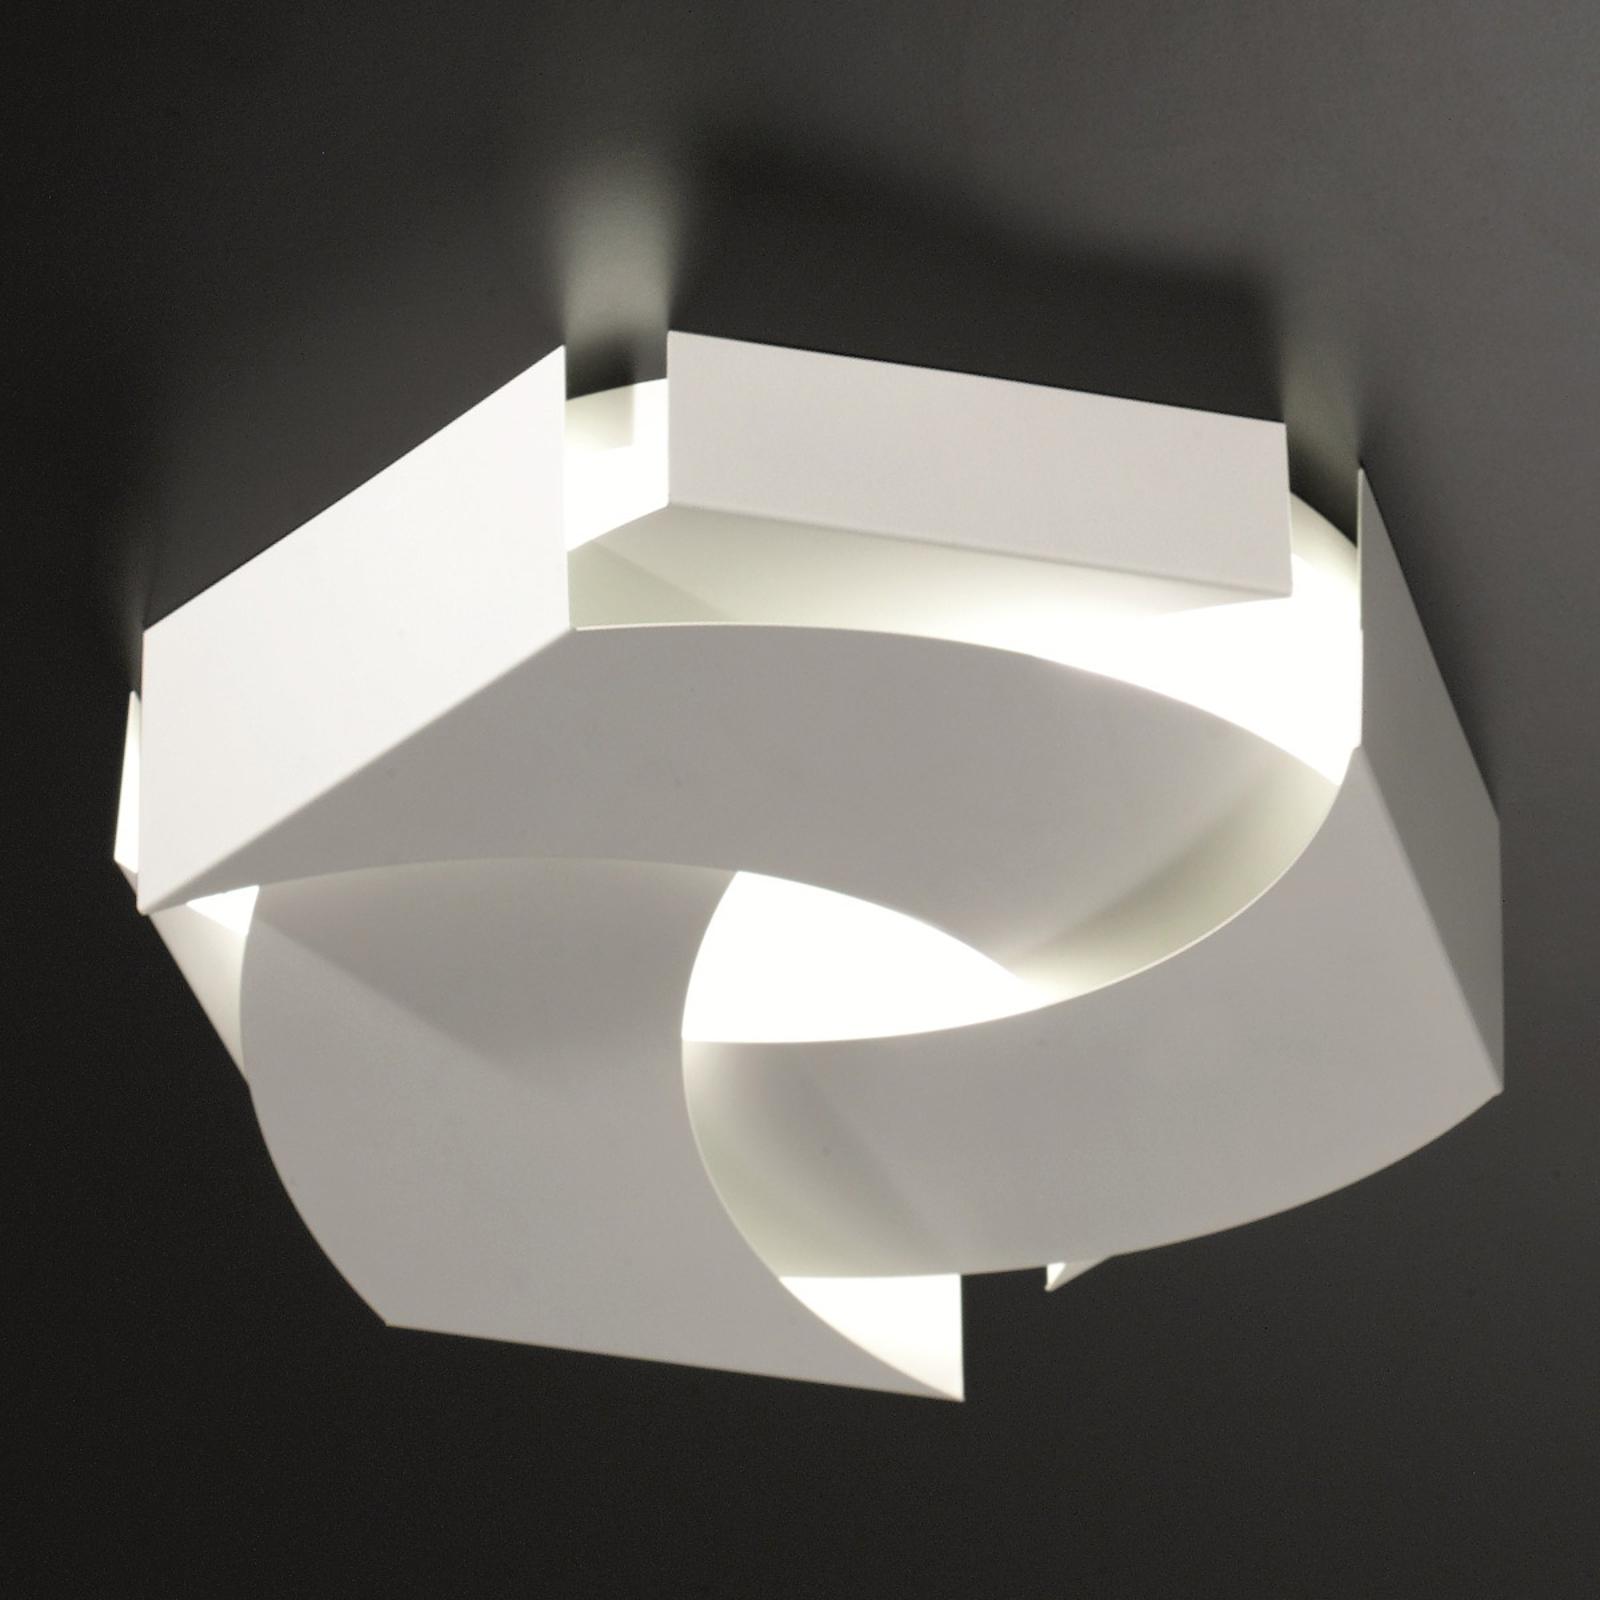 LED-design-valaisin Cosmo kattoon ja seinälle